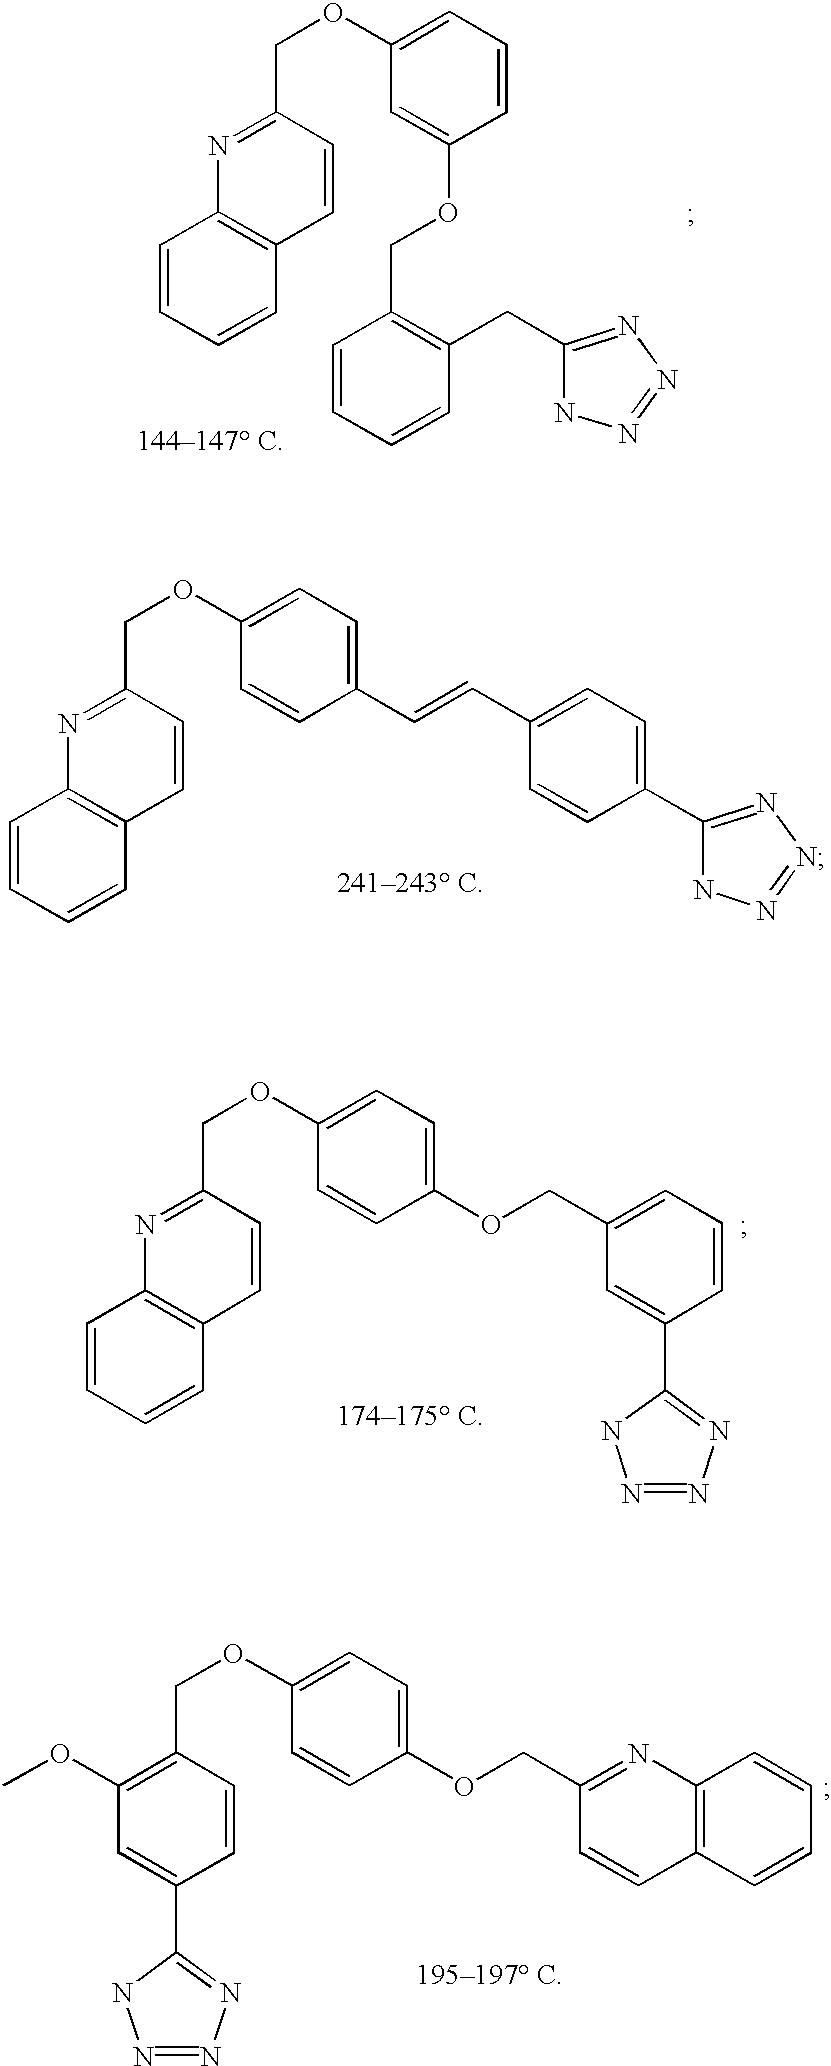 Figure US20030220373A1-20031127-C00293